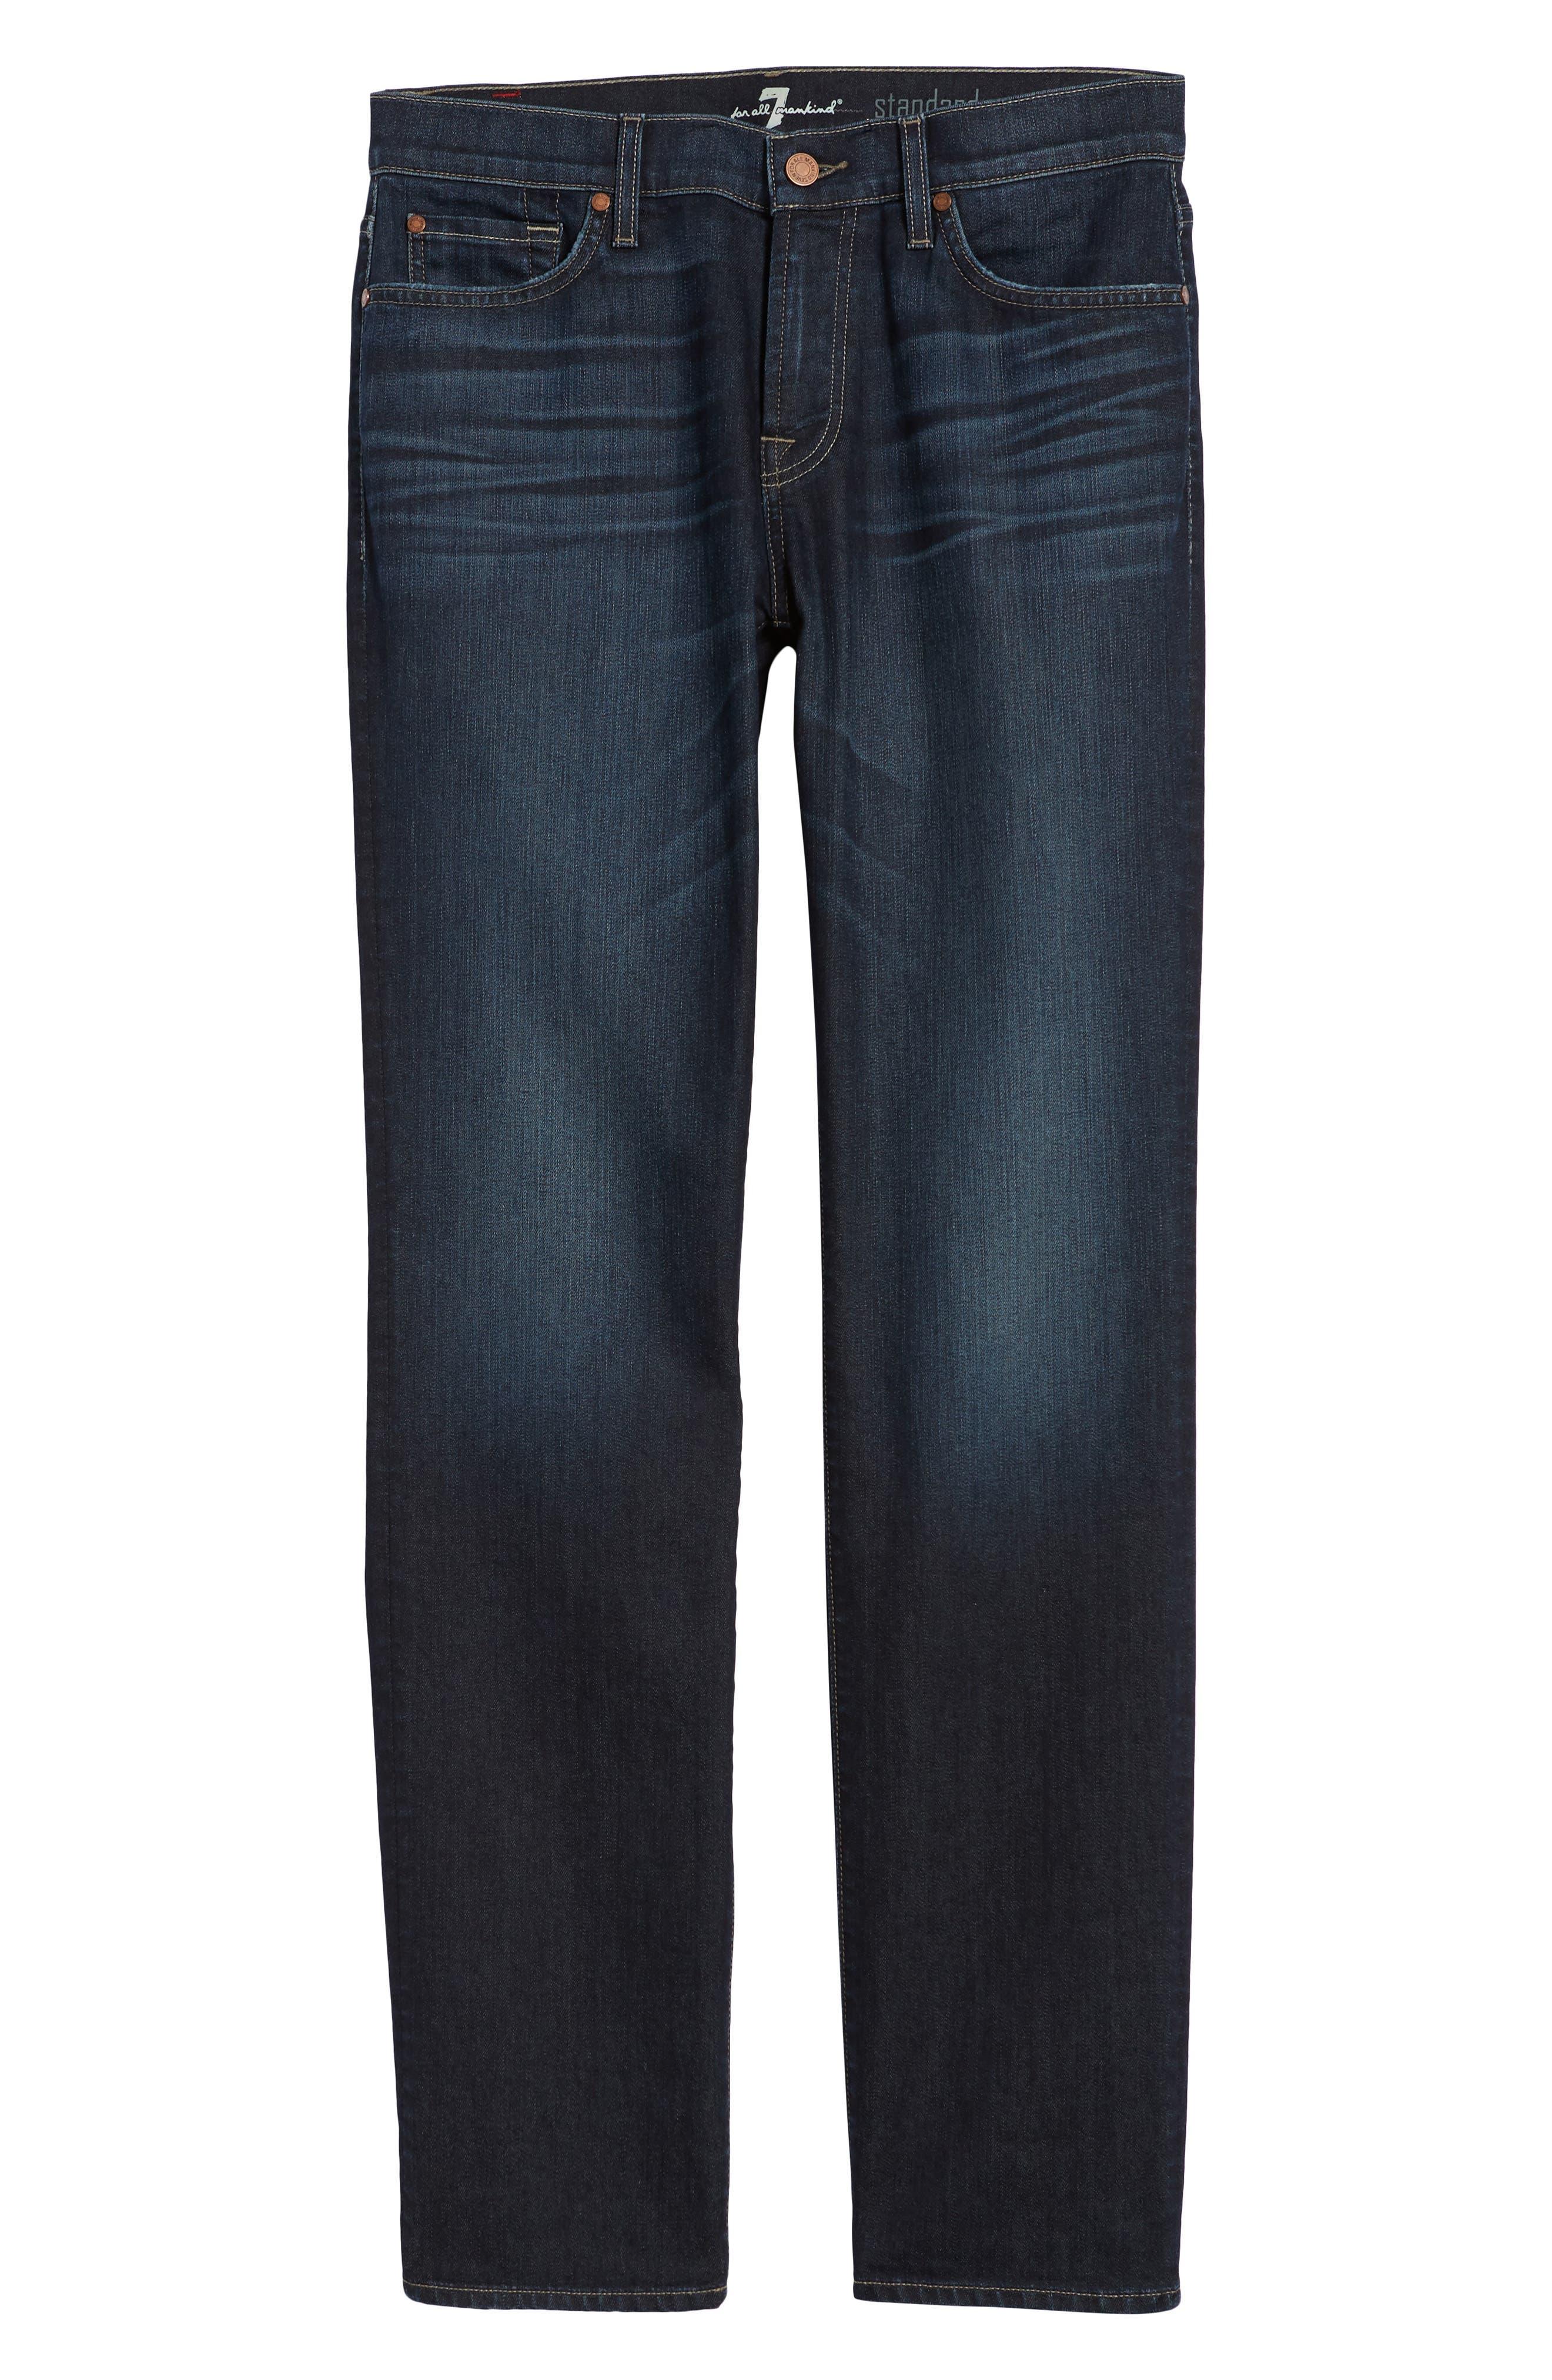 Airweft Standard Straight Leg Jeans,                             Alternate thumbnail 6, color,                             Concierge